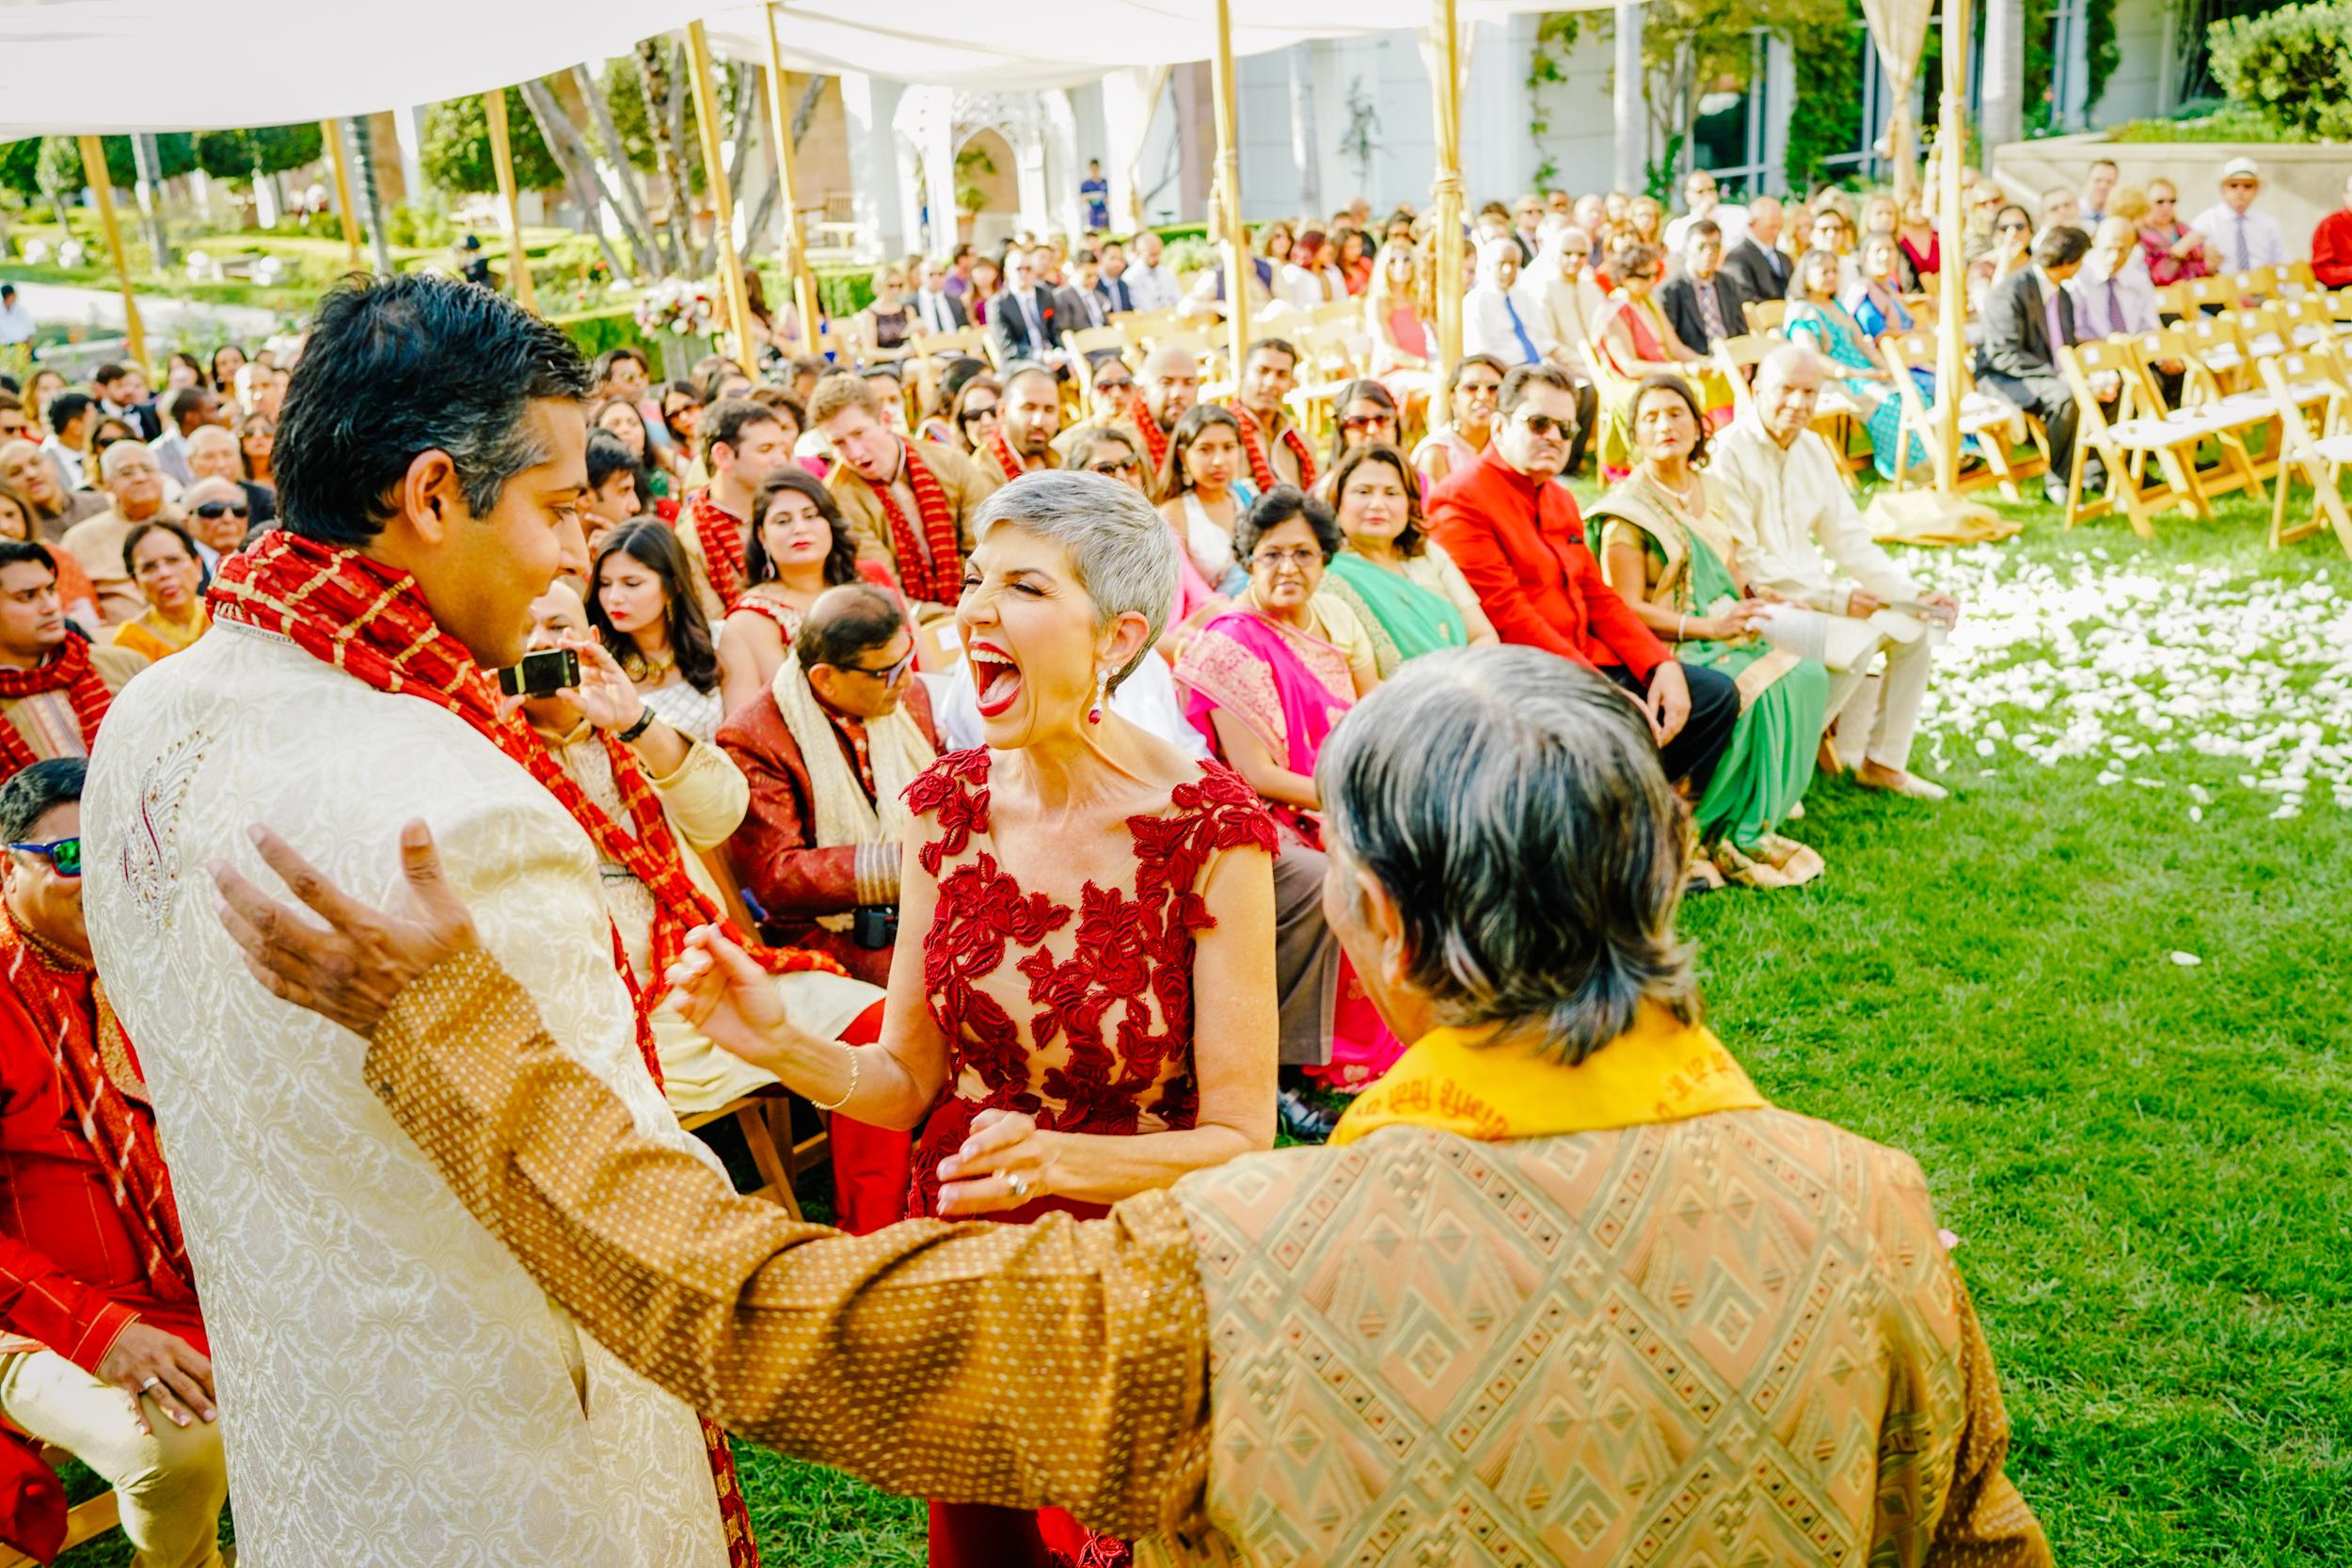 JKP_Indian_Weddings_0172.JPG